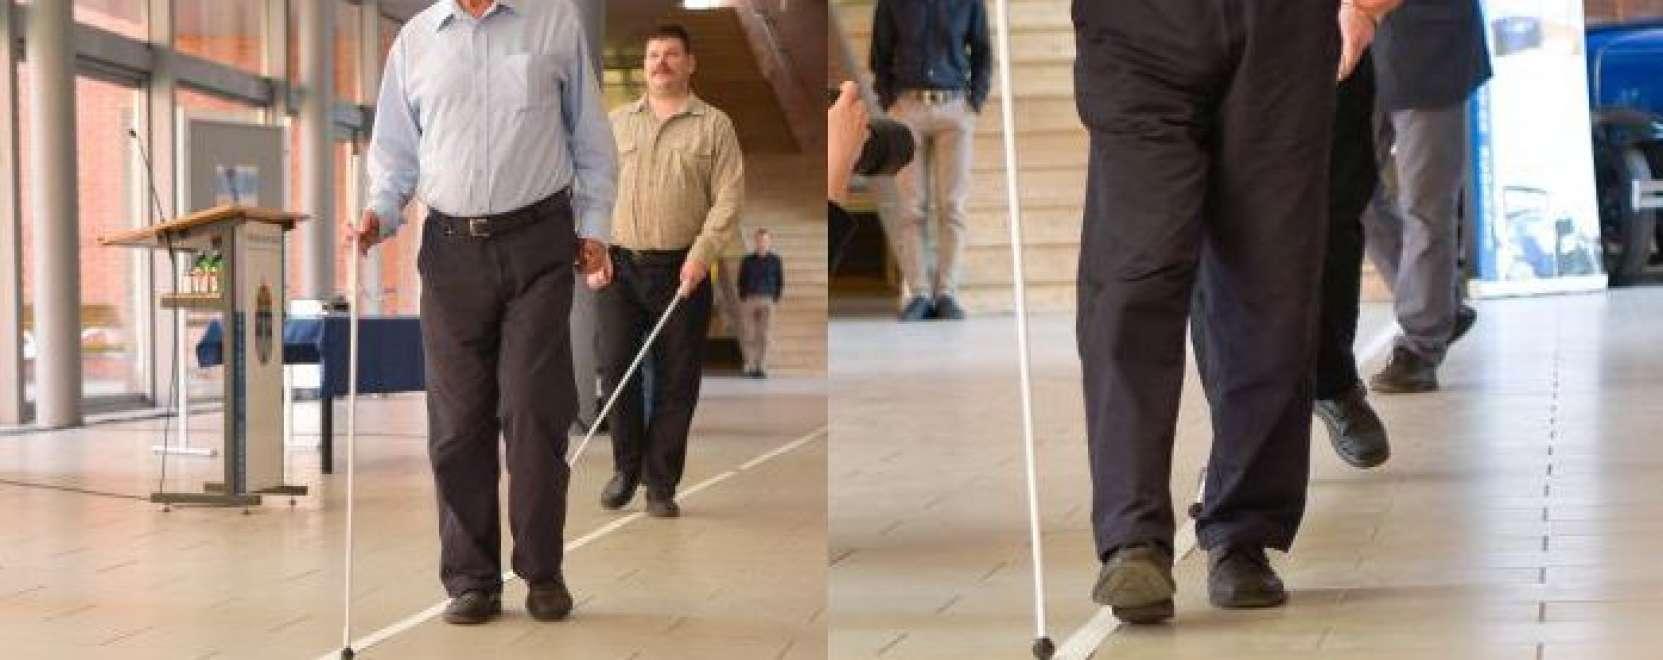 többszörös látássérülés és